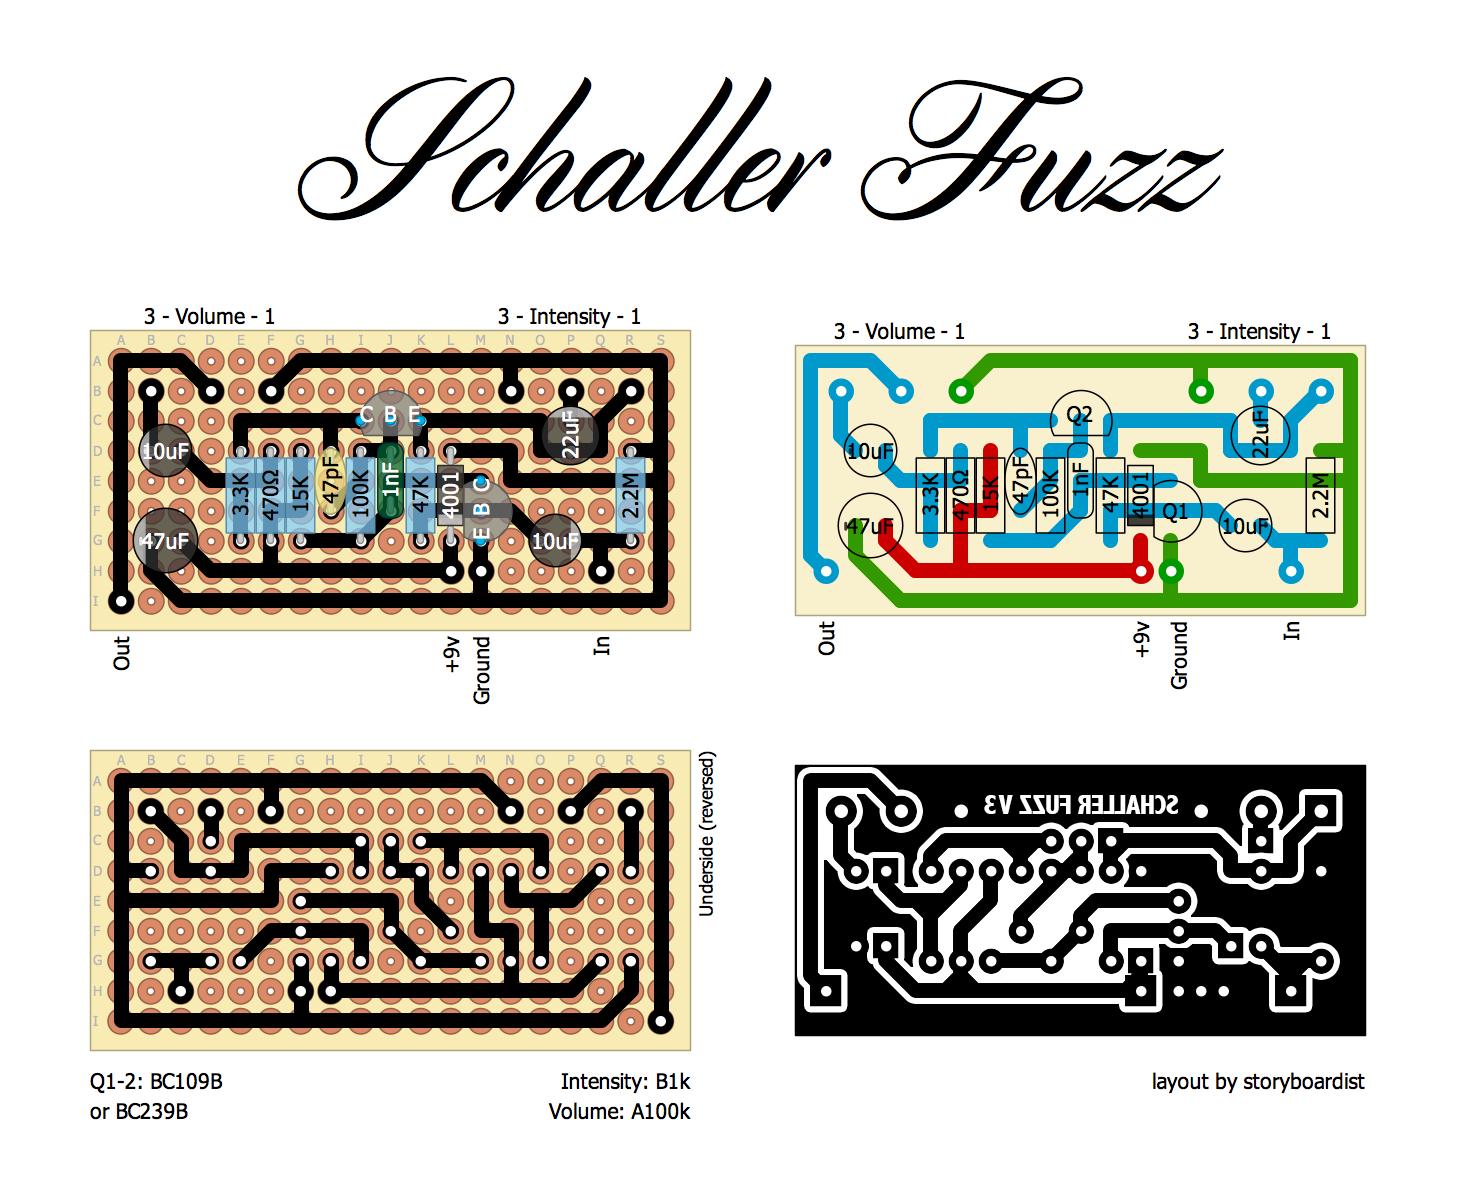 Schaller Fuzz.png (1466×1199) - Fuzz PNG